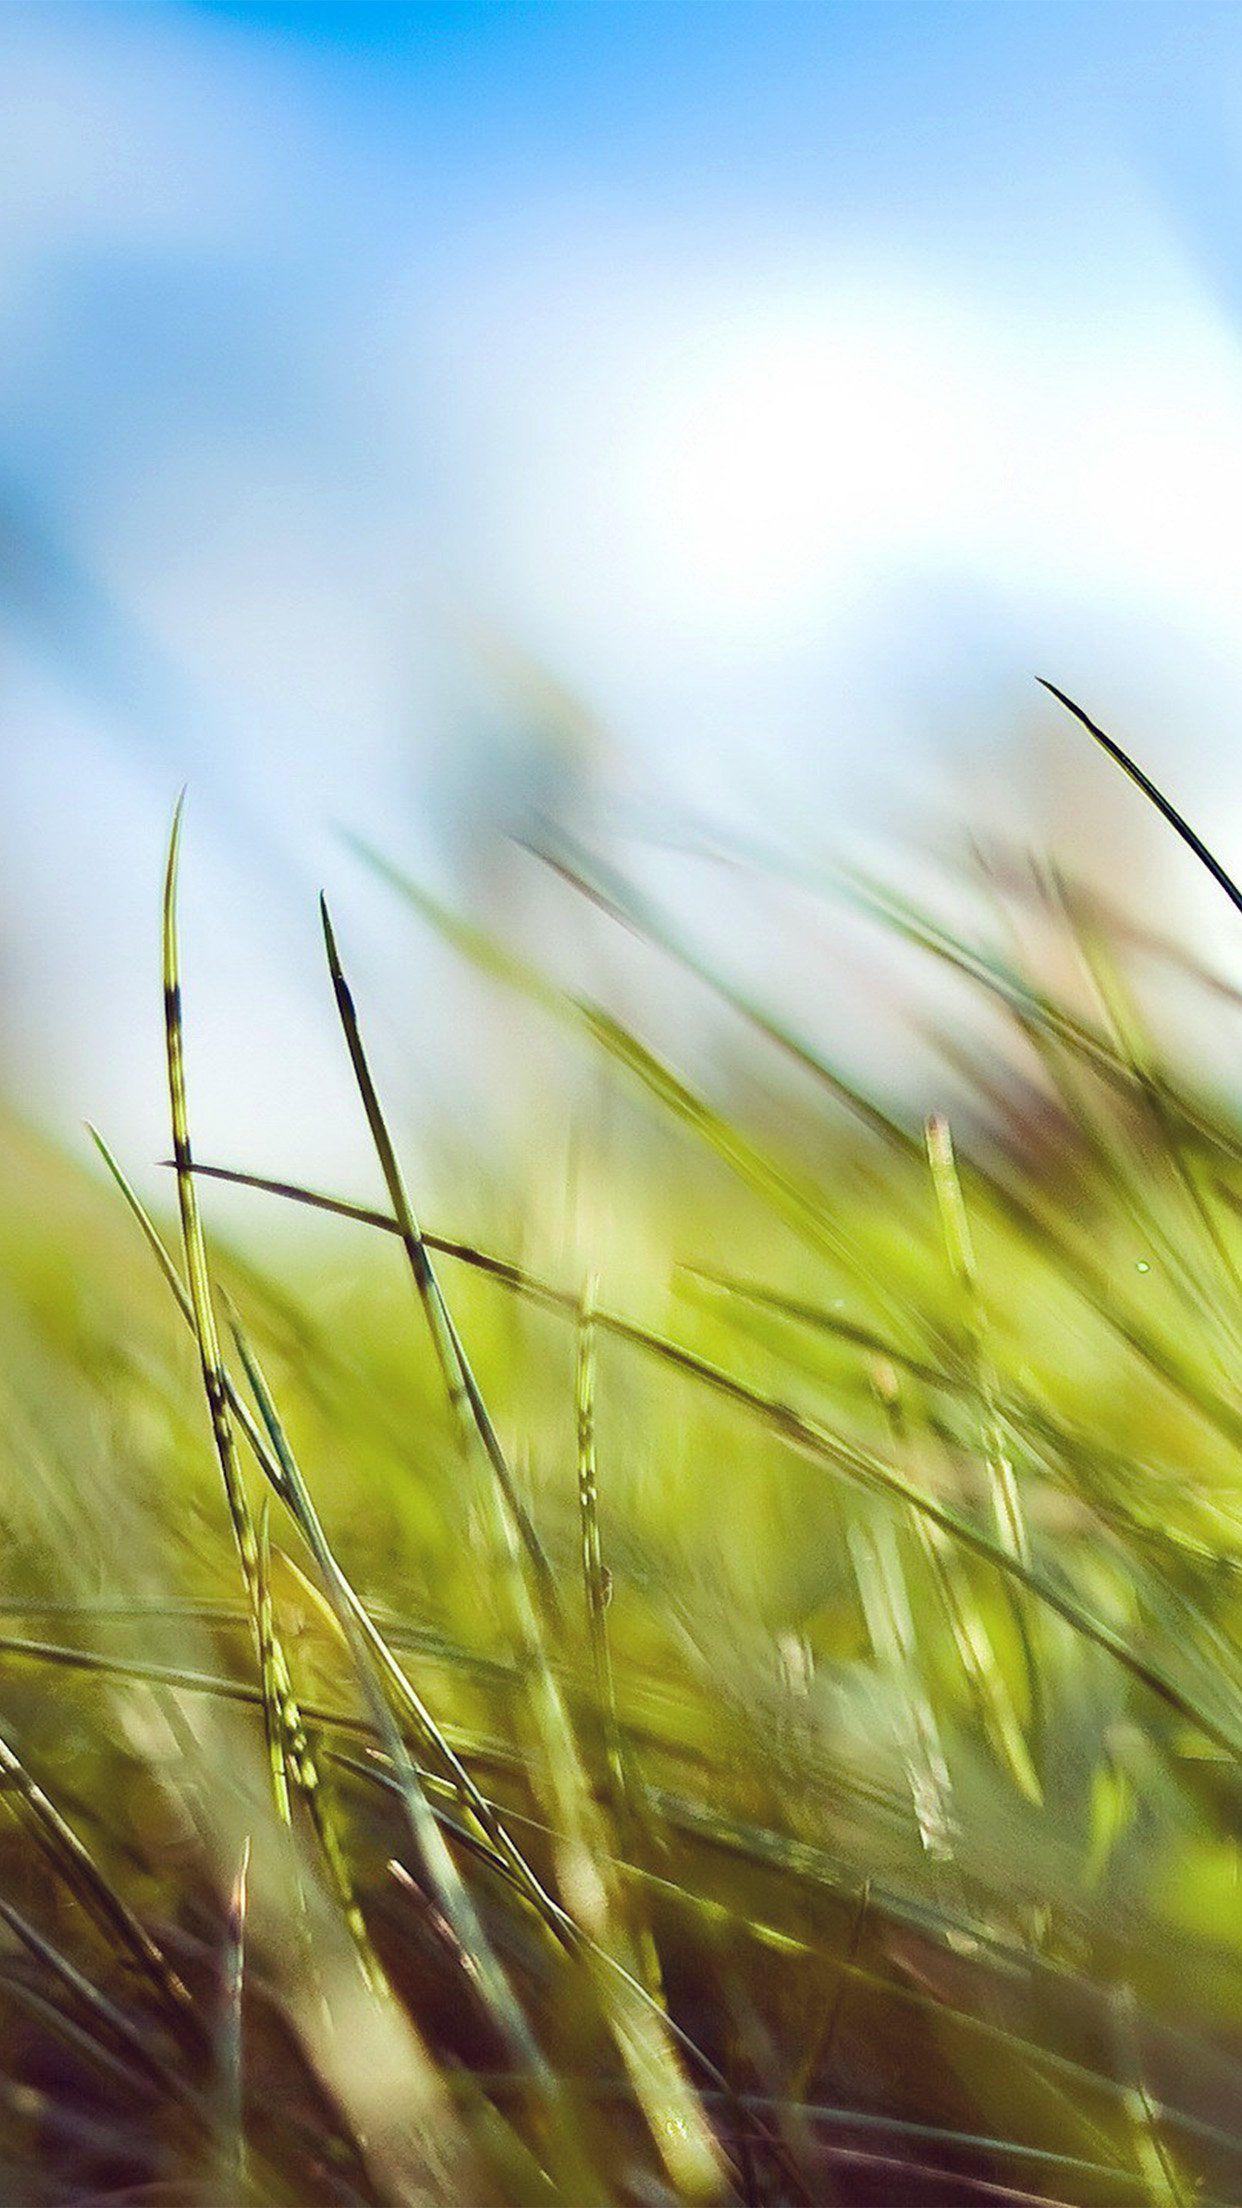 iPhone wallpaper Grass wallpaper, Nature iphone